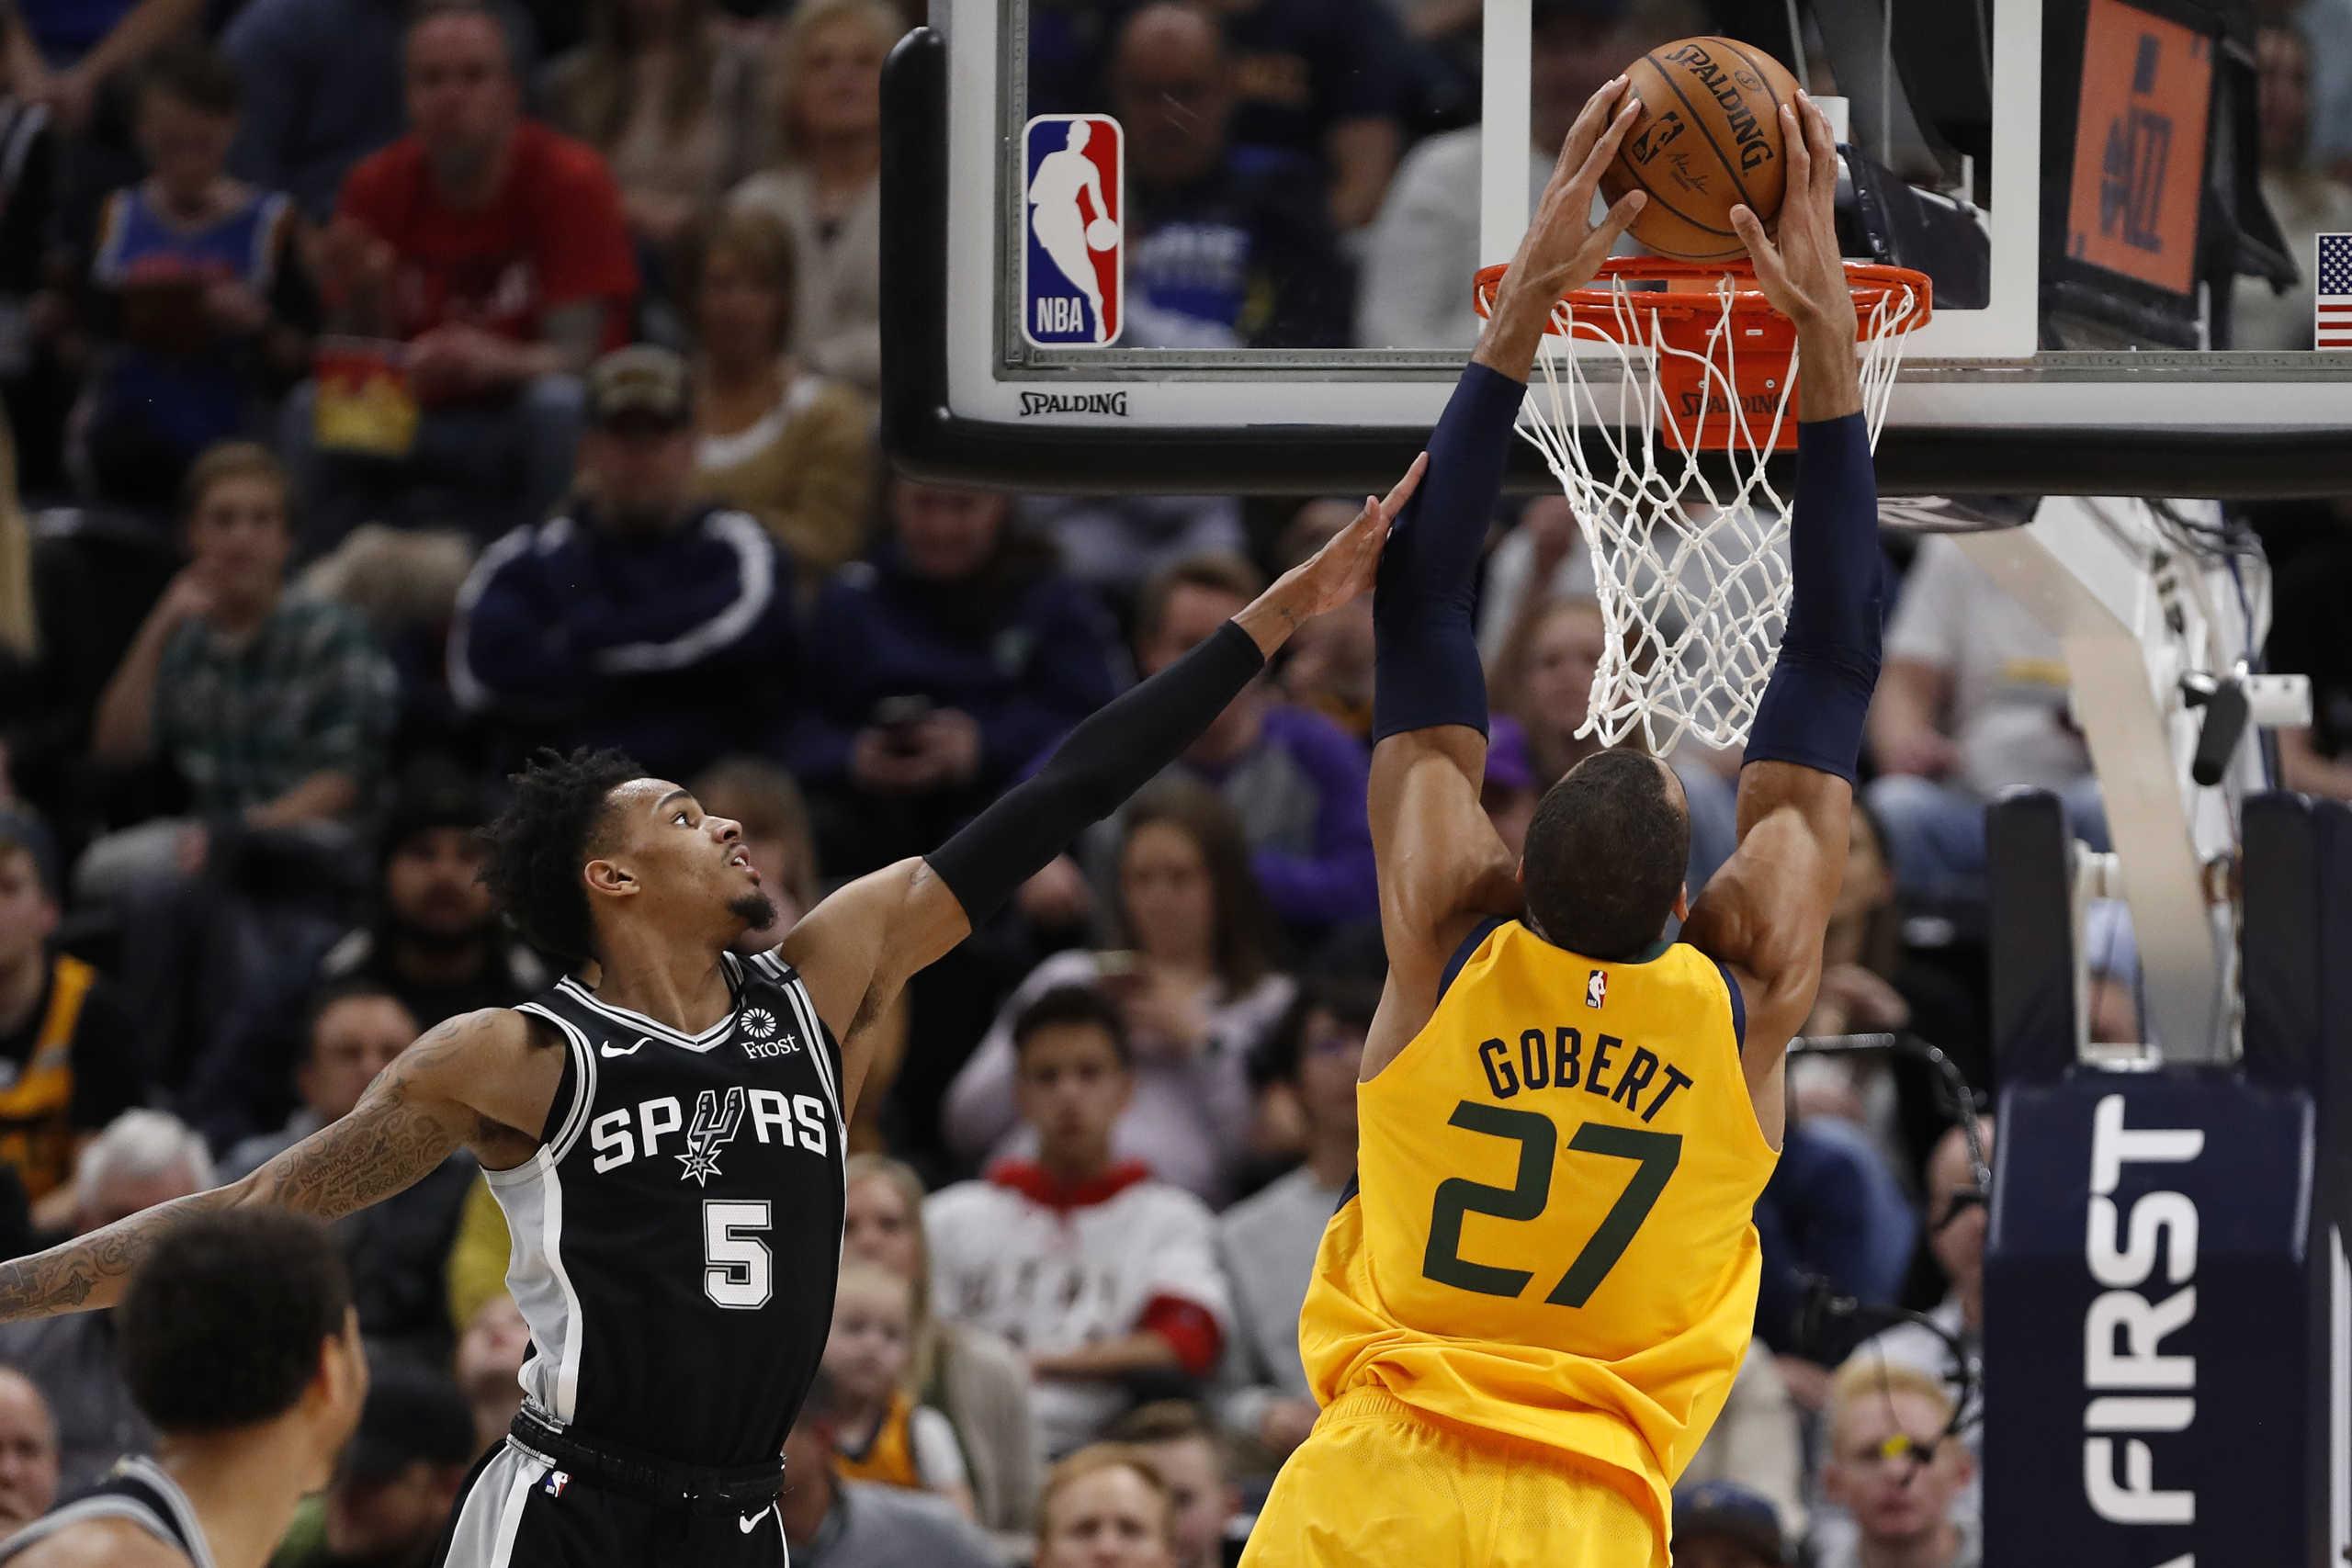 Ο κορονοϊός έβαλε «λουκέτο» και στο NBA! Θετικός παίκτης των Γιούτα Τζαζ